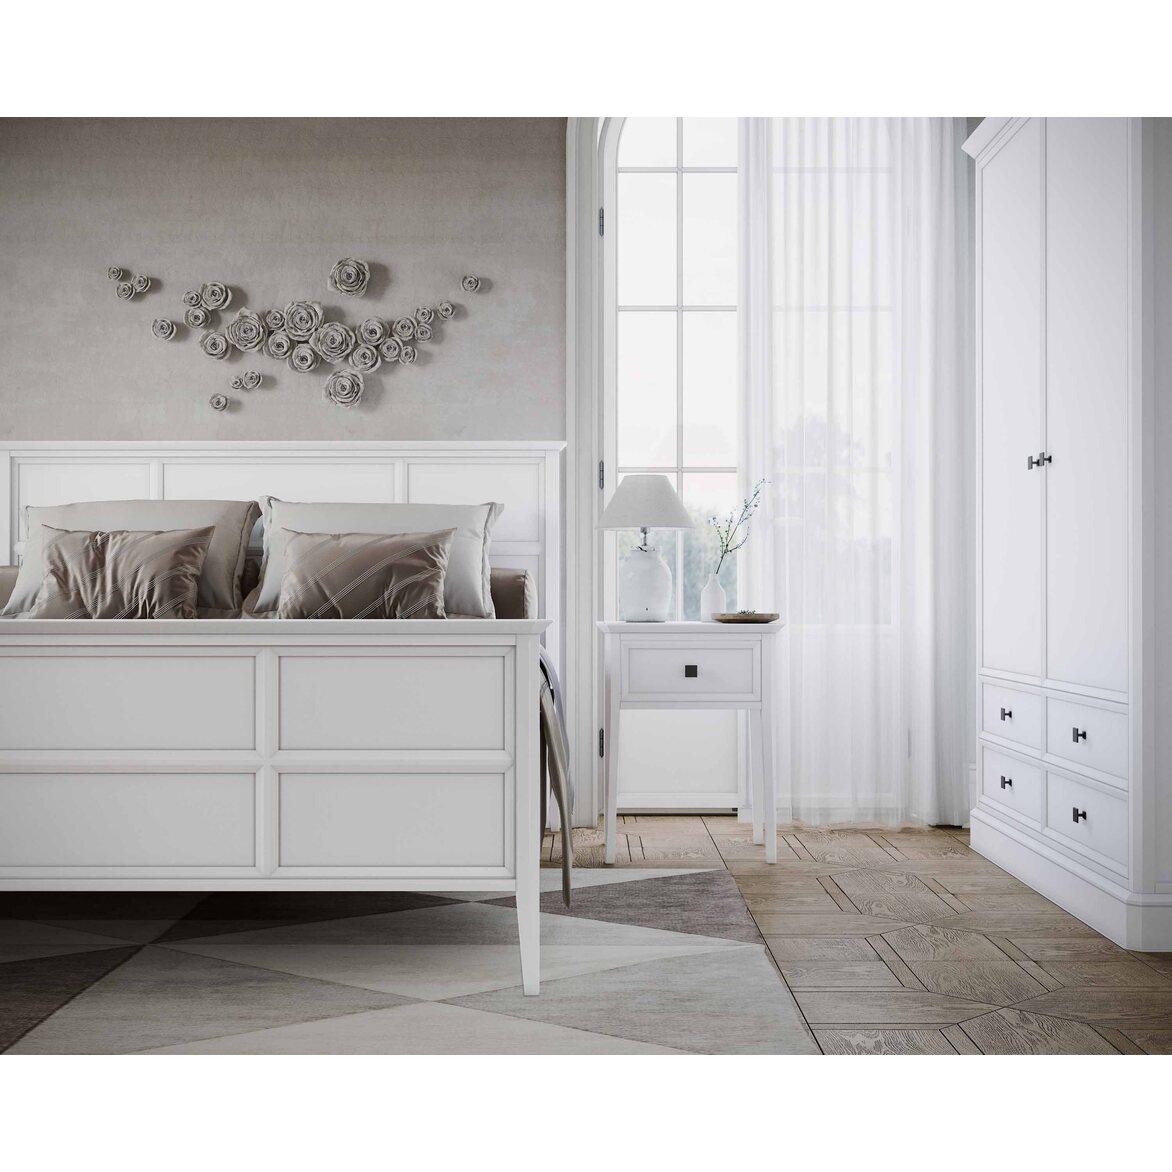 Шкаф двухстворчатый с ящиками Ellington, белый 6 | Платяные шкафы Kingsby